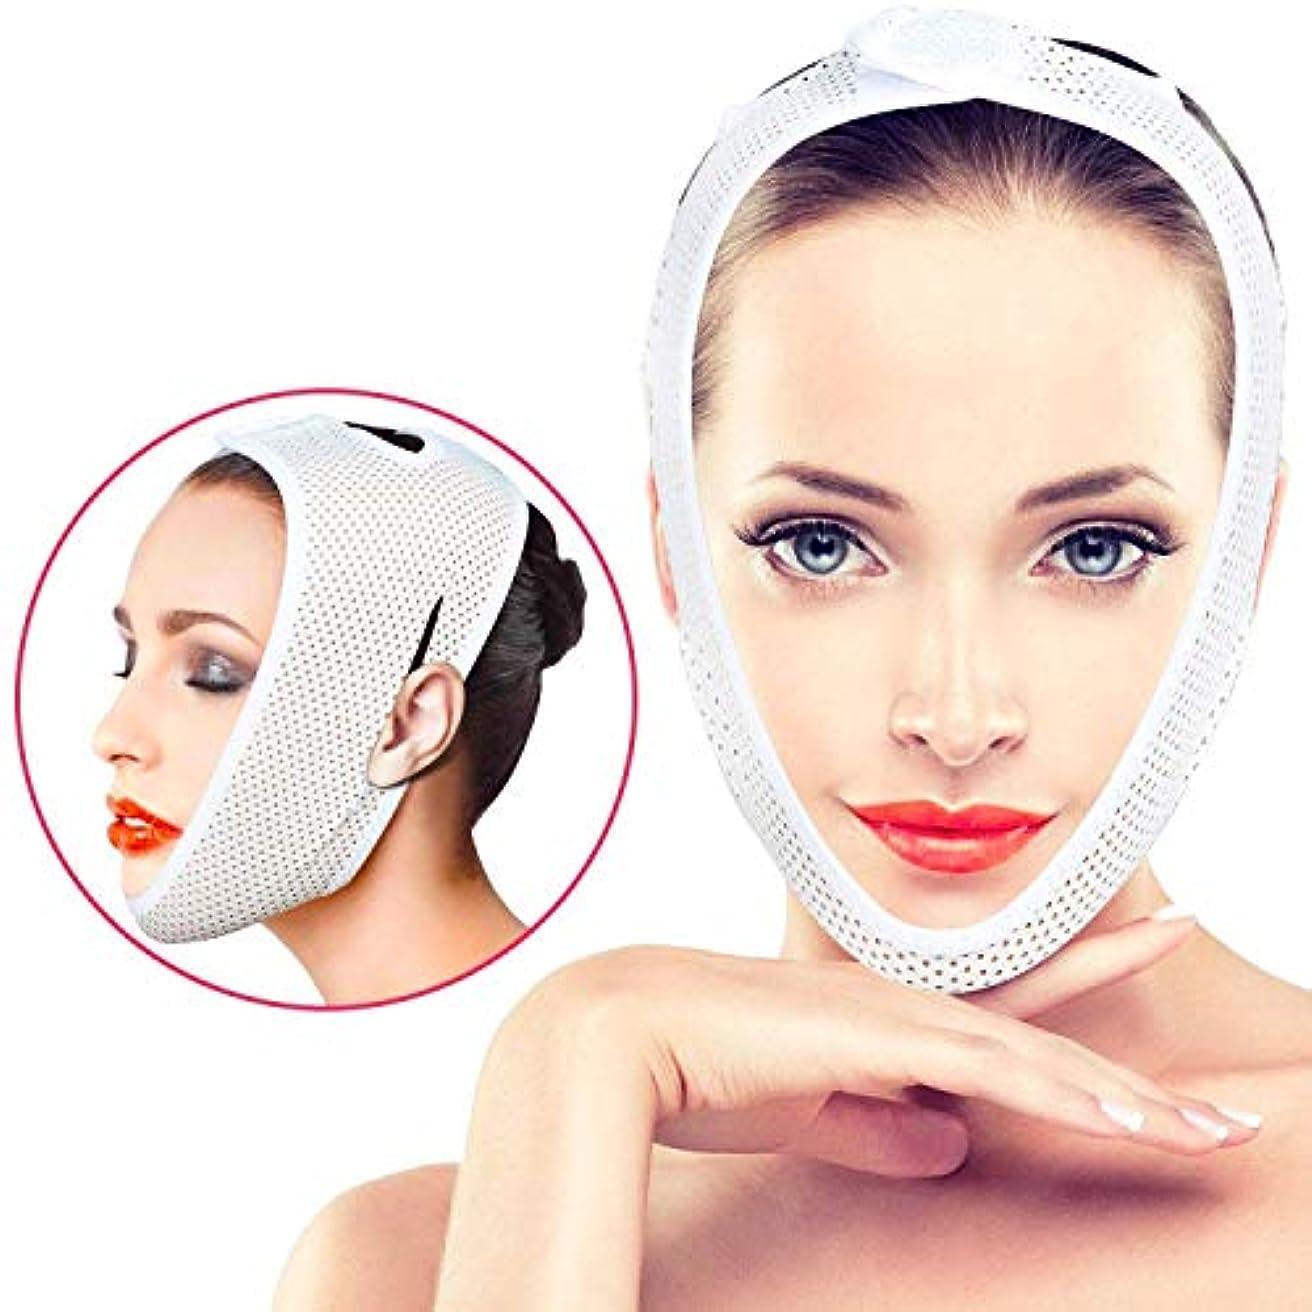 いうポールショッピングセンターWSJTT パッチ通気チンケアを締め付け女性のための顔のリフティングベルト、Vラインチンチークリフトアップバンドアンチリンクル包帯、スリミング包帯二重あごケア減量Vフェイスベルト補正ベルト